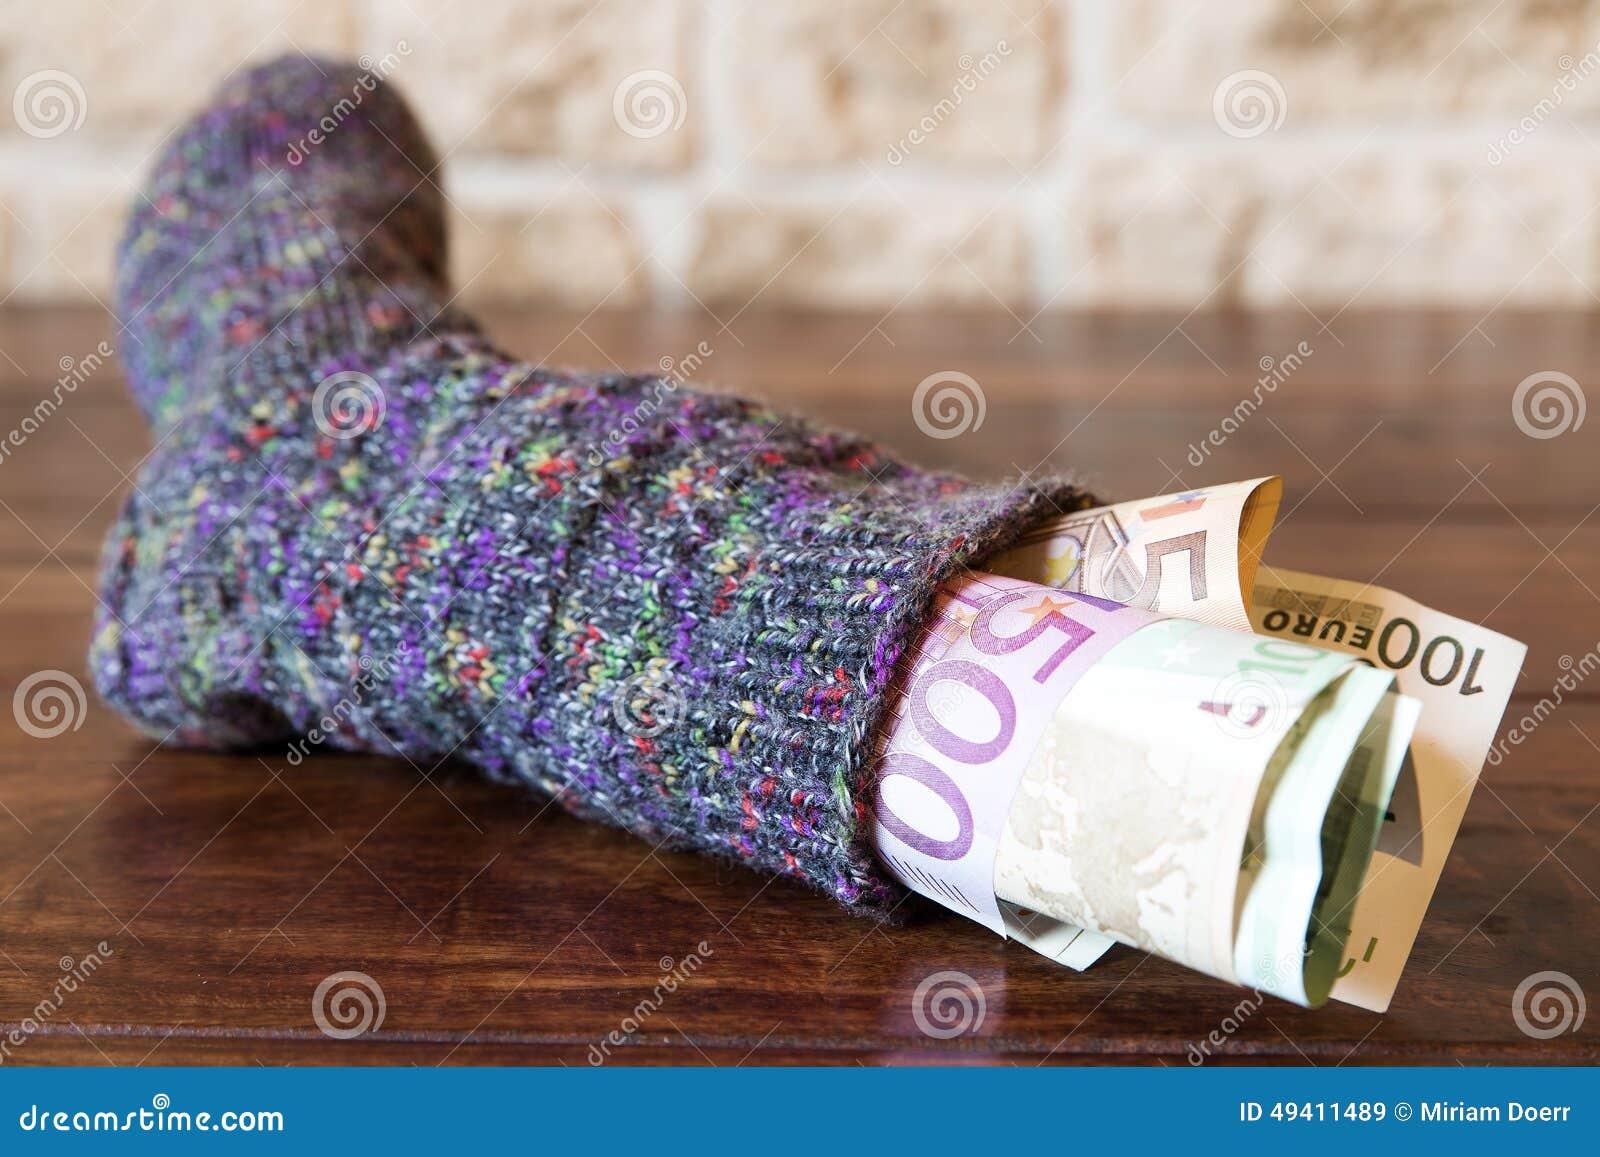 Download Socke voll des Geldes stockbild. Bild von bargeld, rezession - 49411489